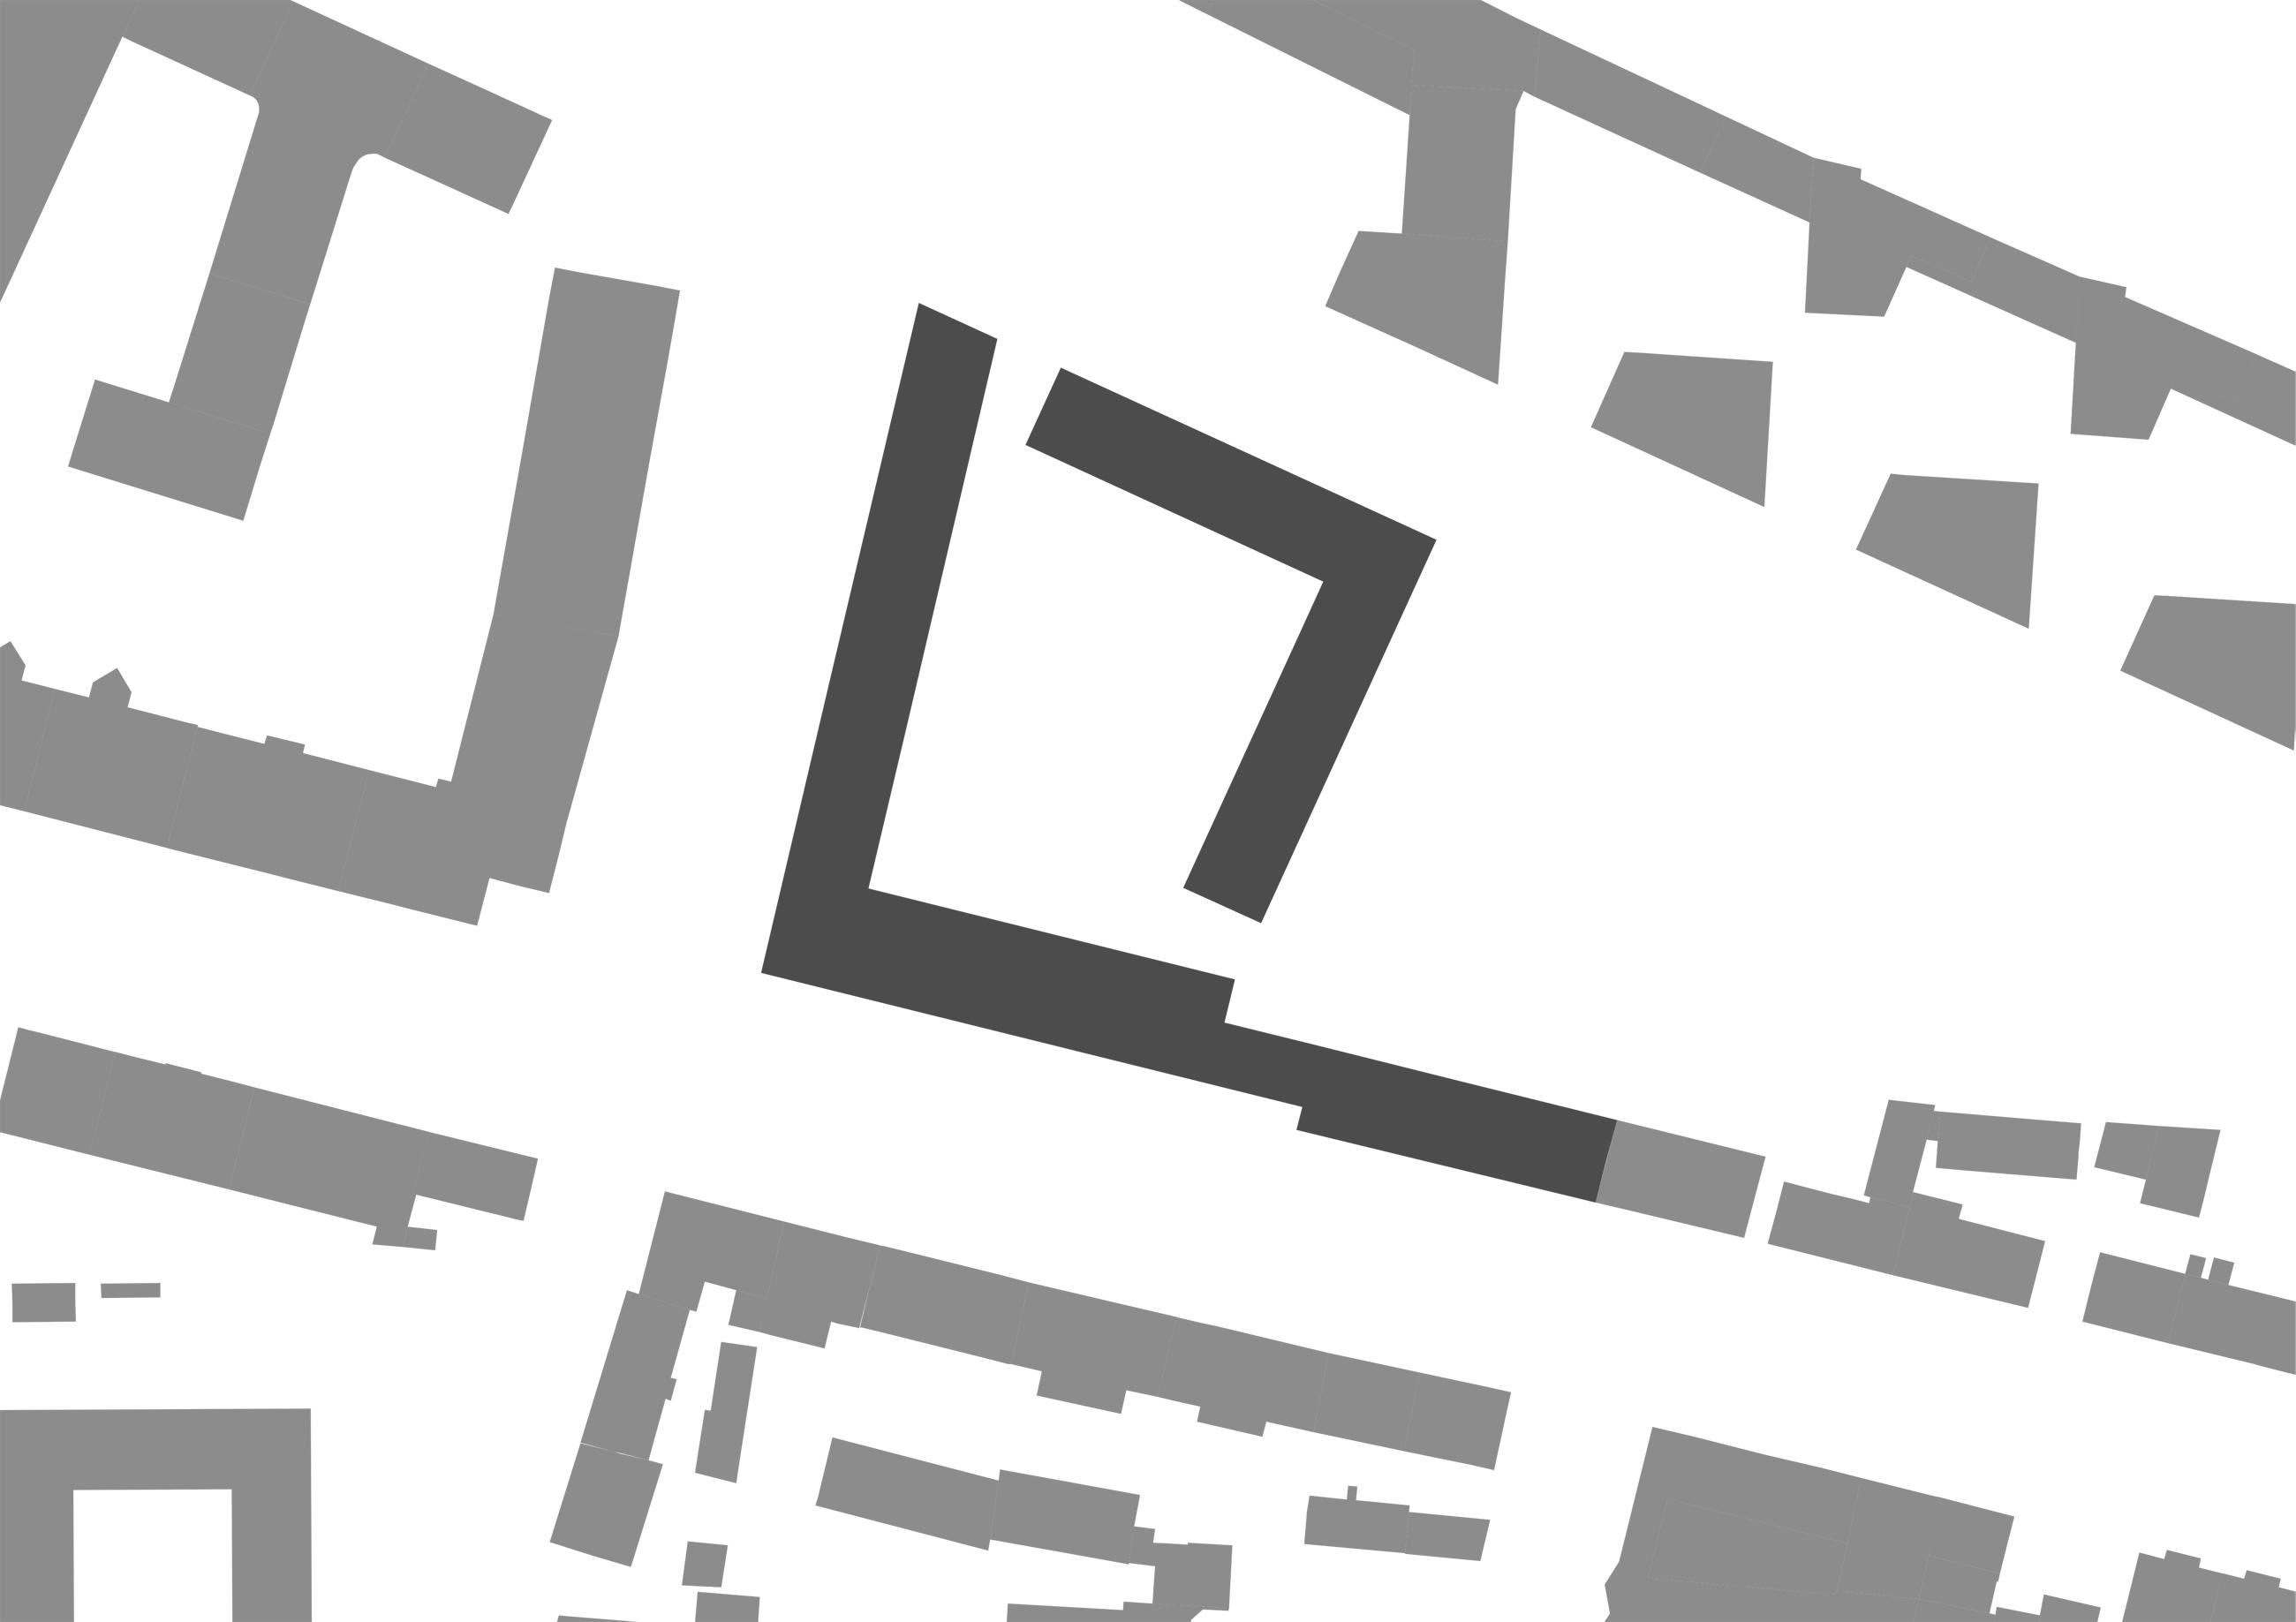 Baugebiet MI 2 Süd, Offenbachstraße, München-Pasing